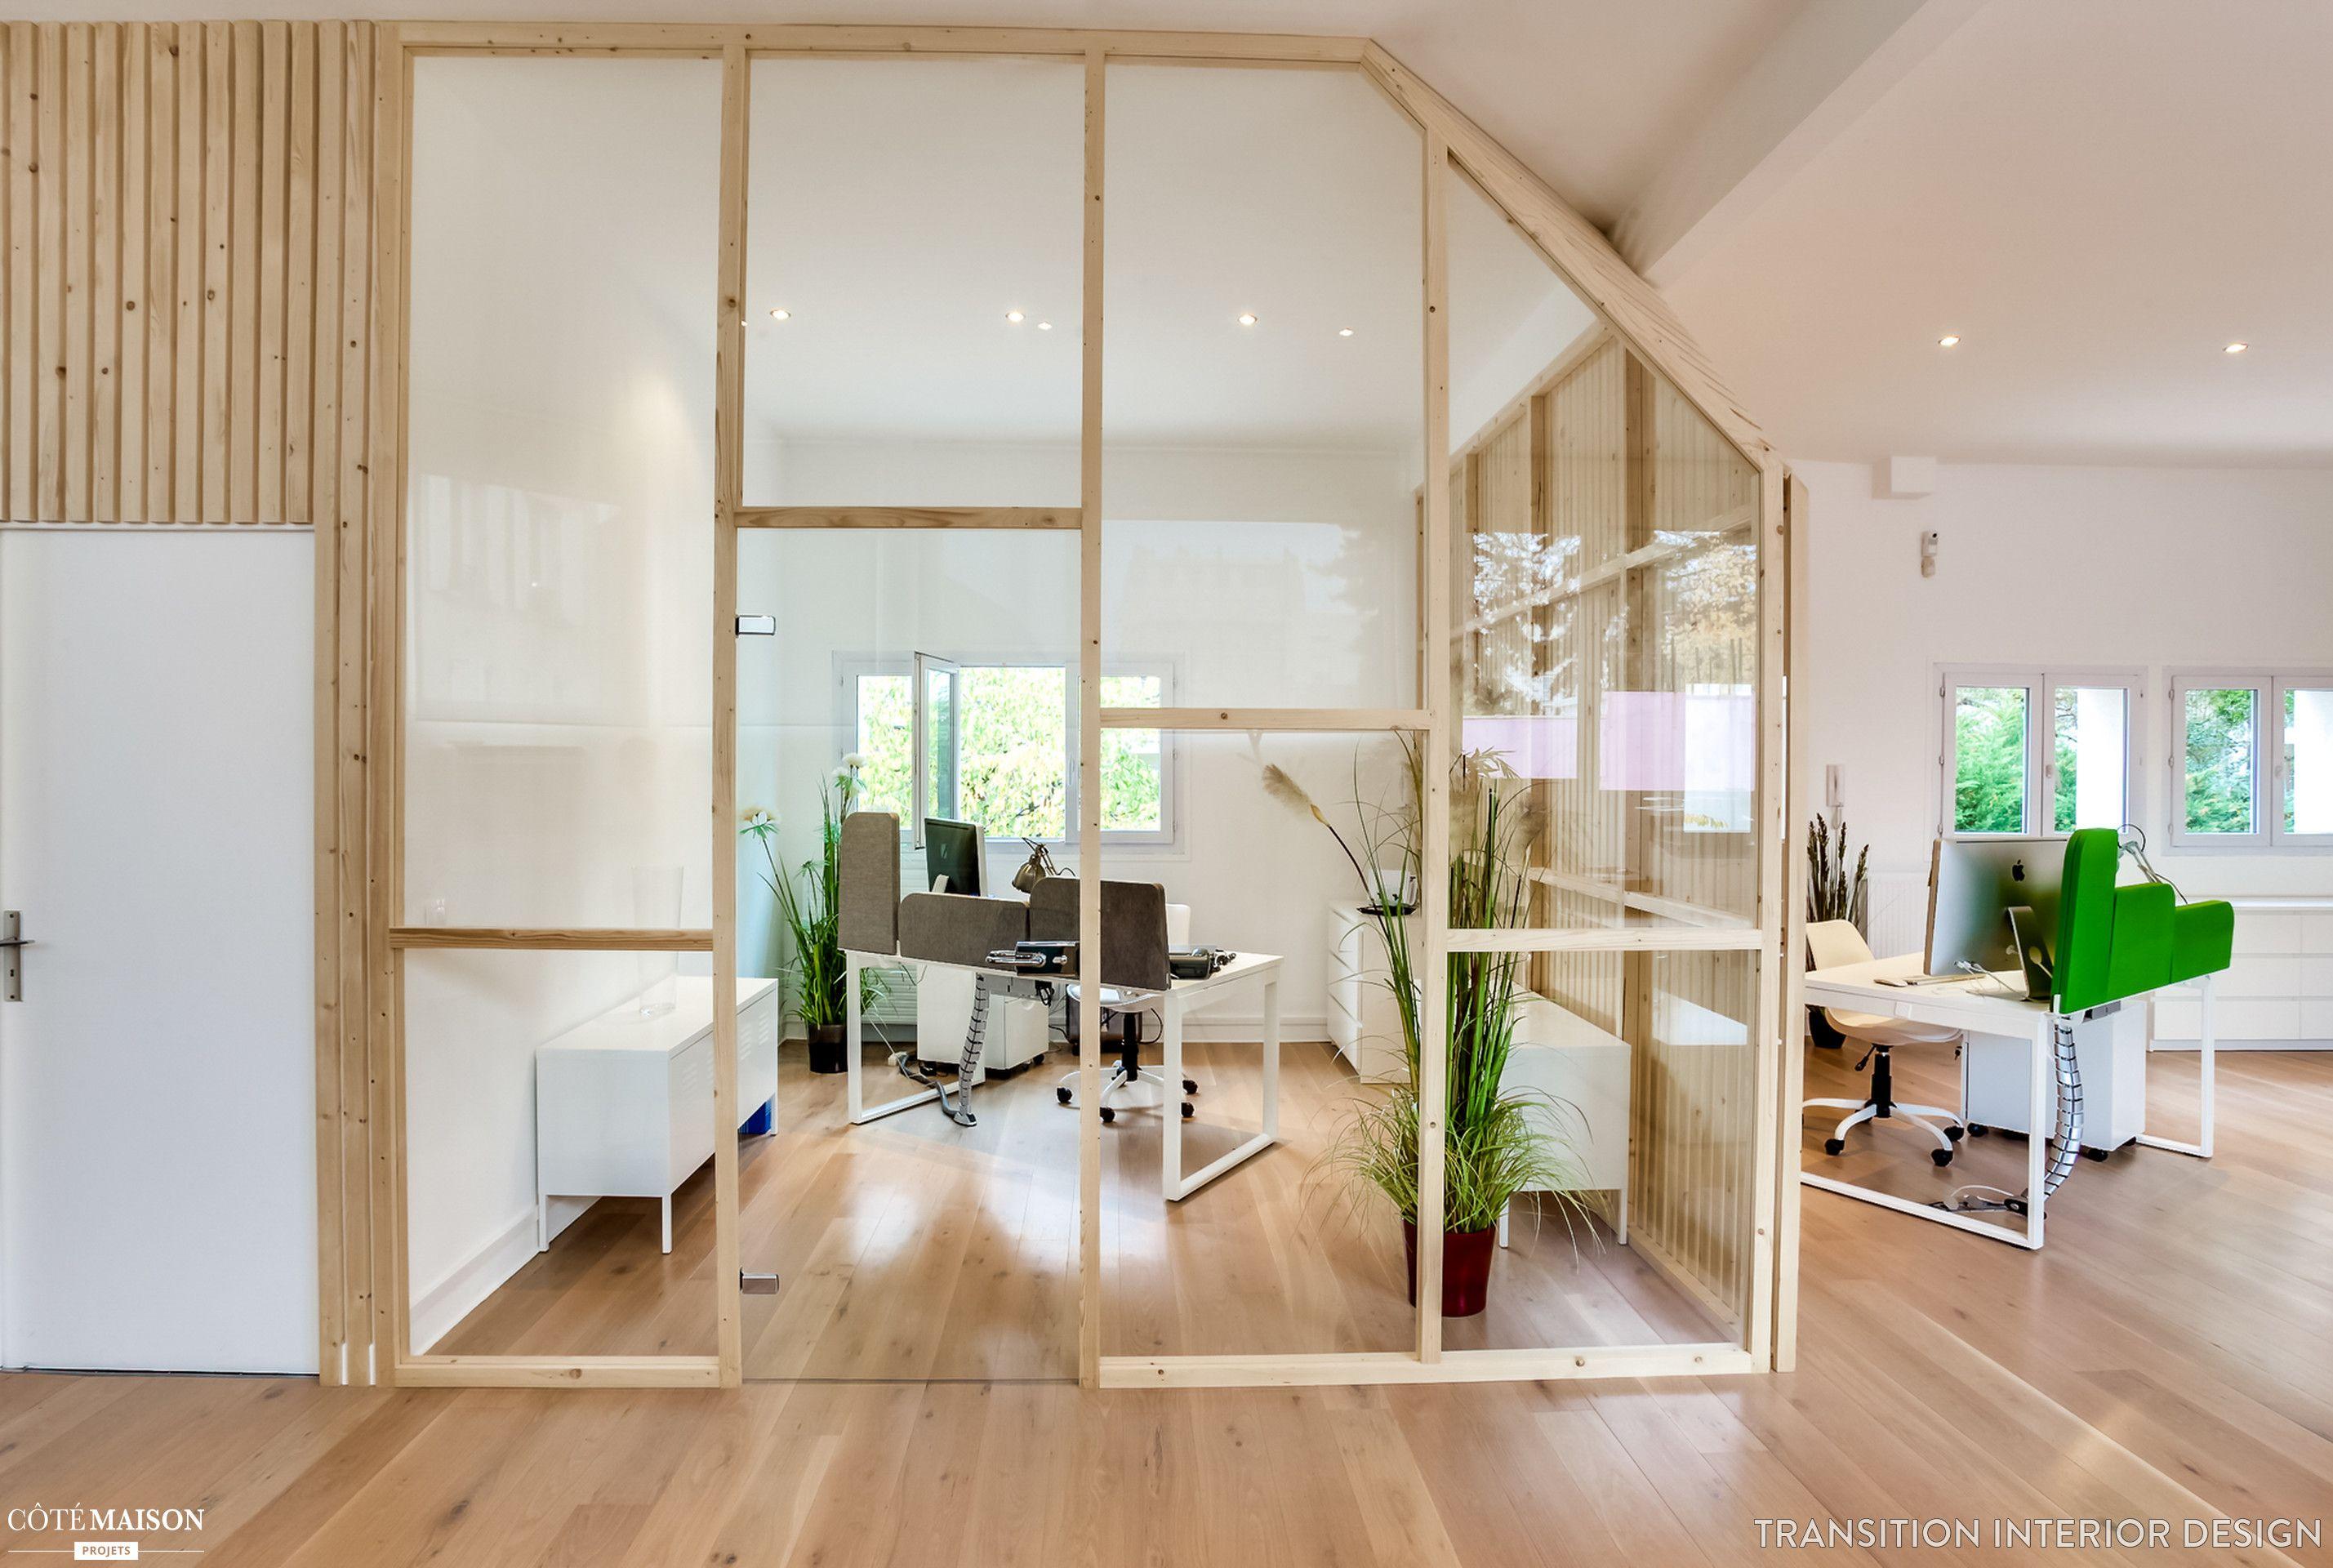 la verri re en bois clairs apporte une douce s paration de l 39 espace claustra pinterest. Black Bedroom Furniture Sets. Home Design Ideas